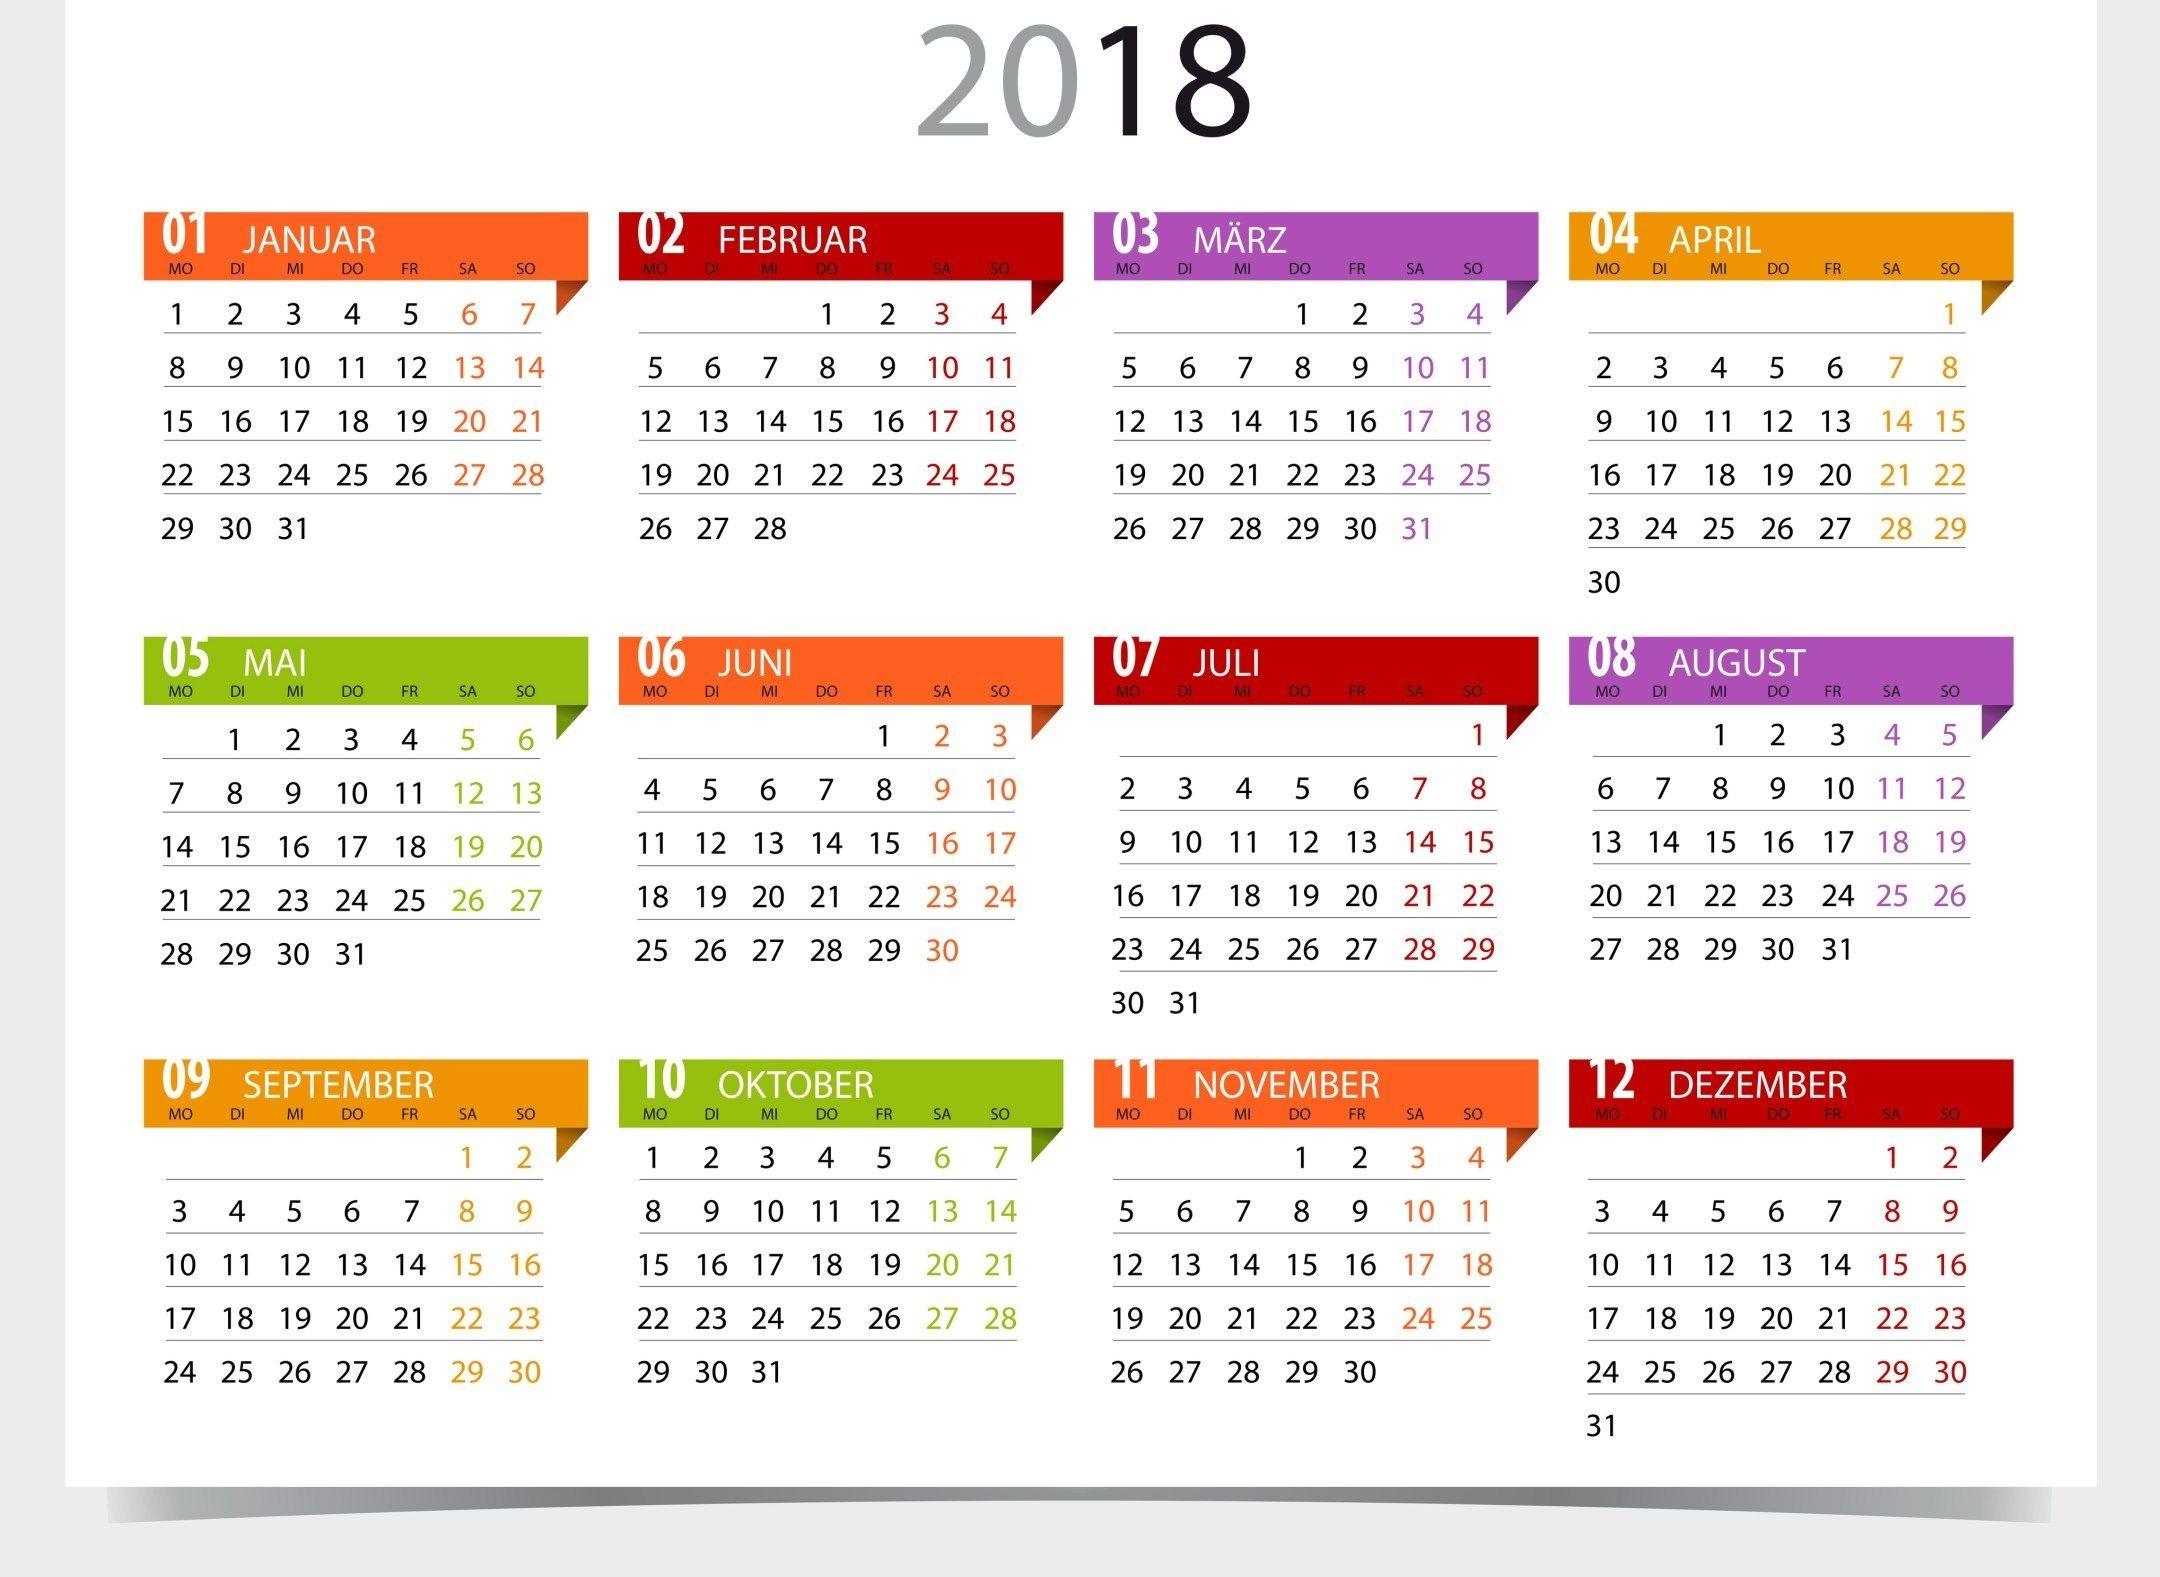 formato de calendarios formato de calendarios calendario en blanco para imprimir